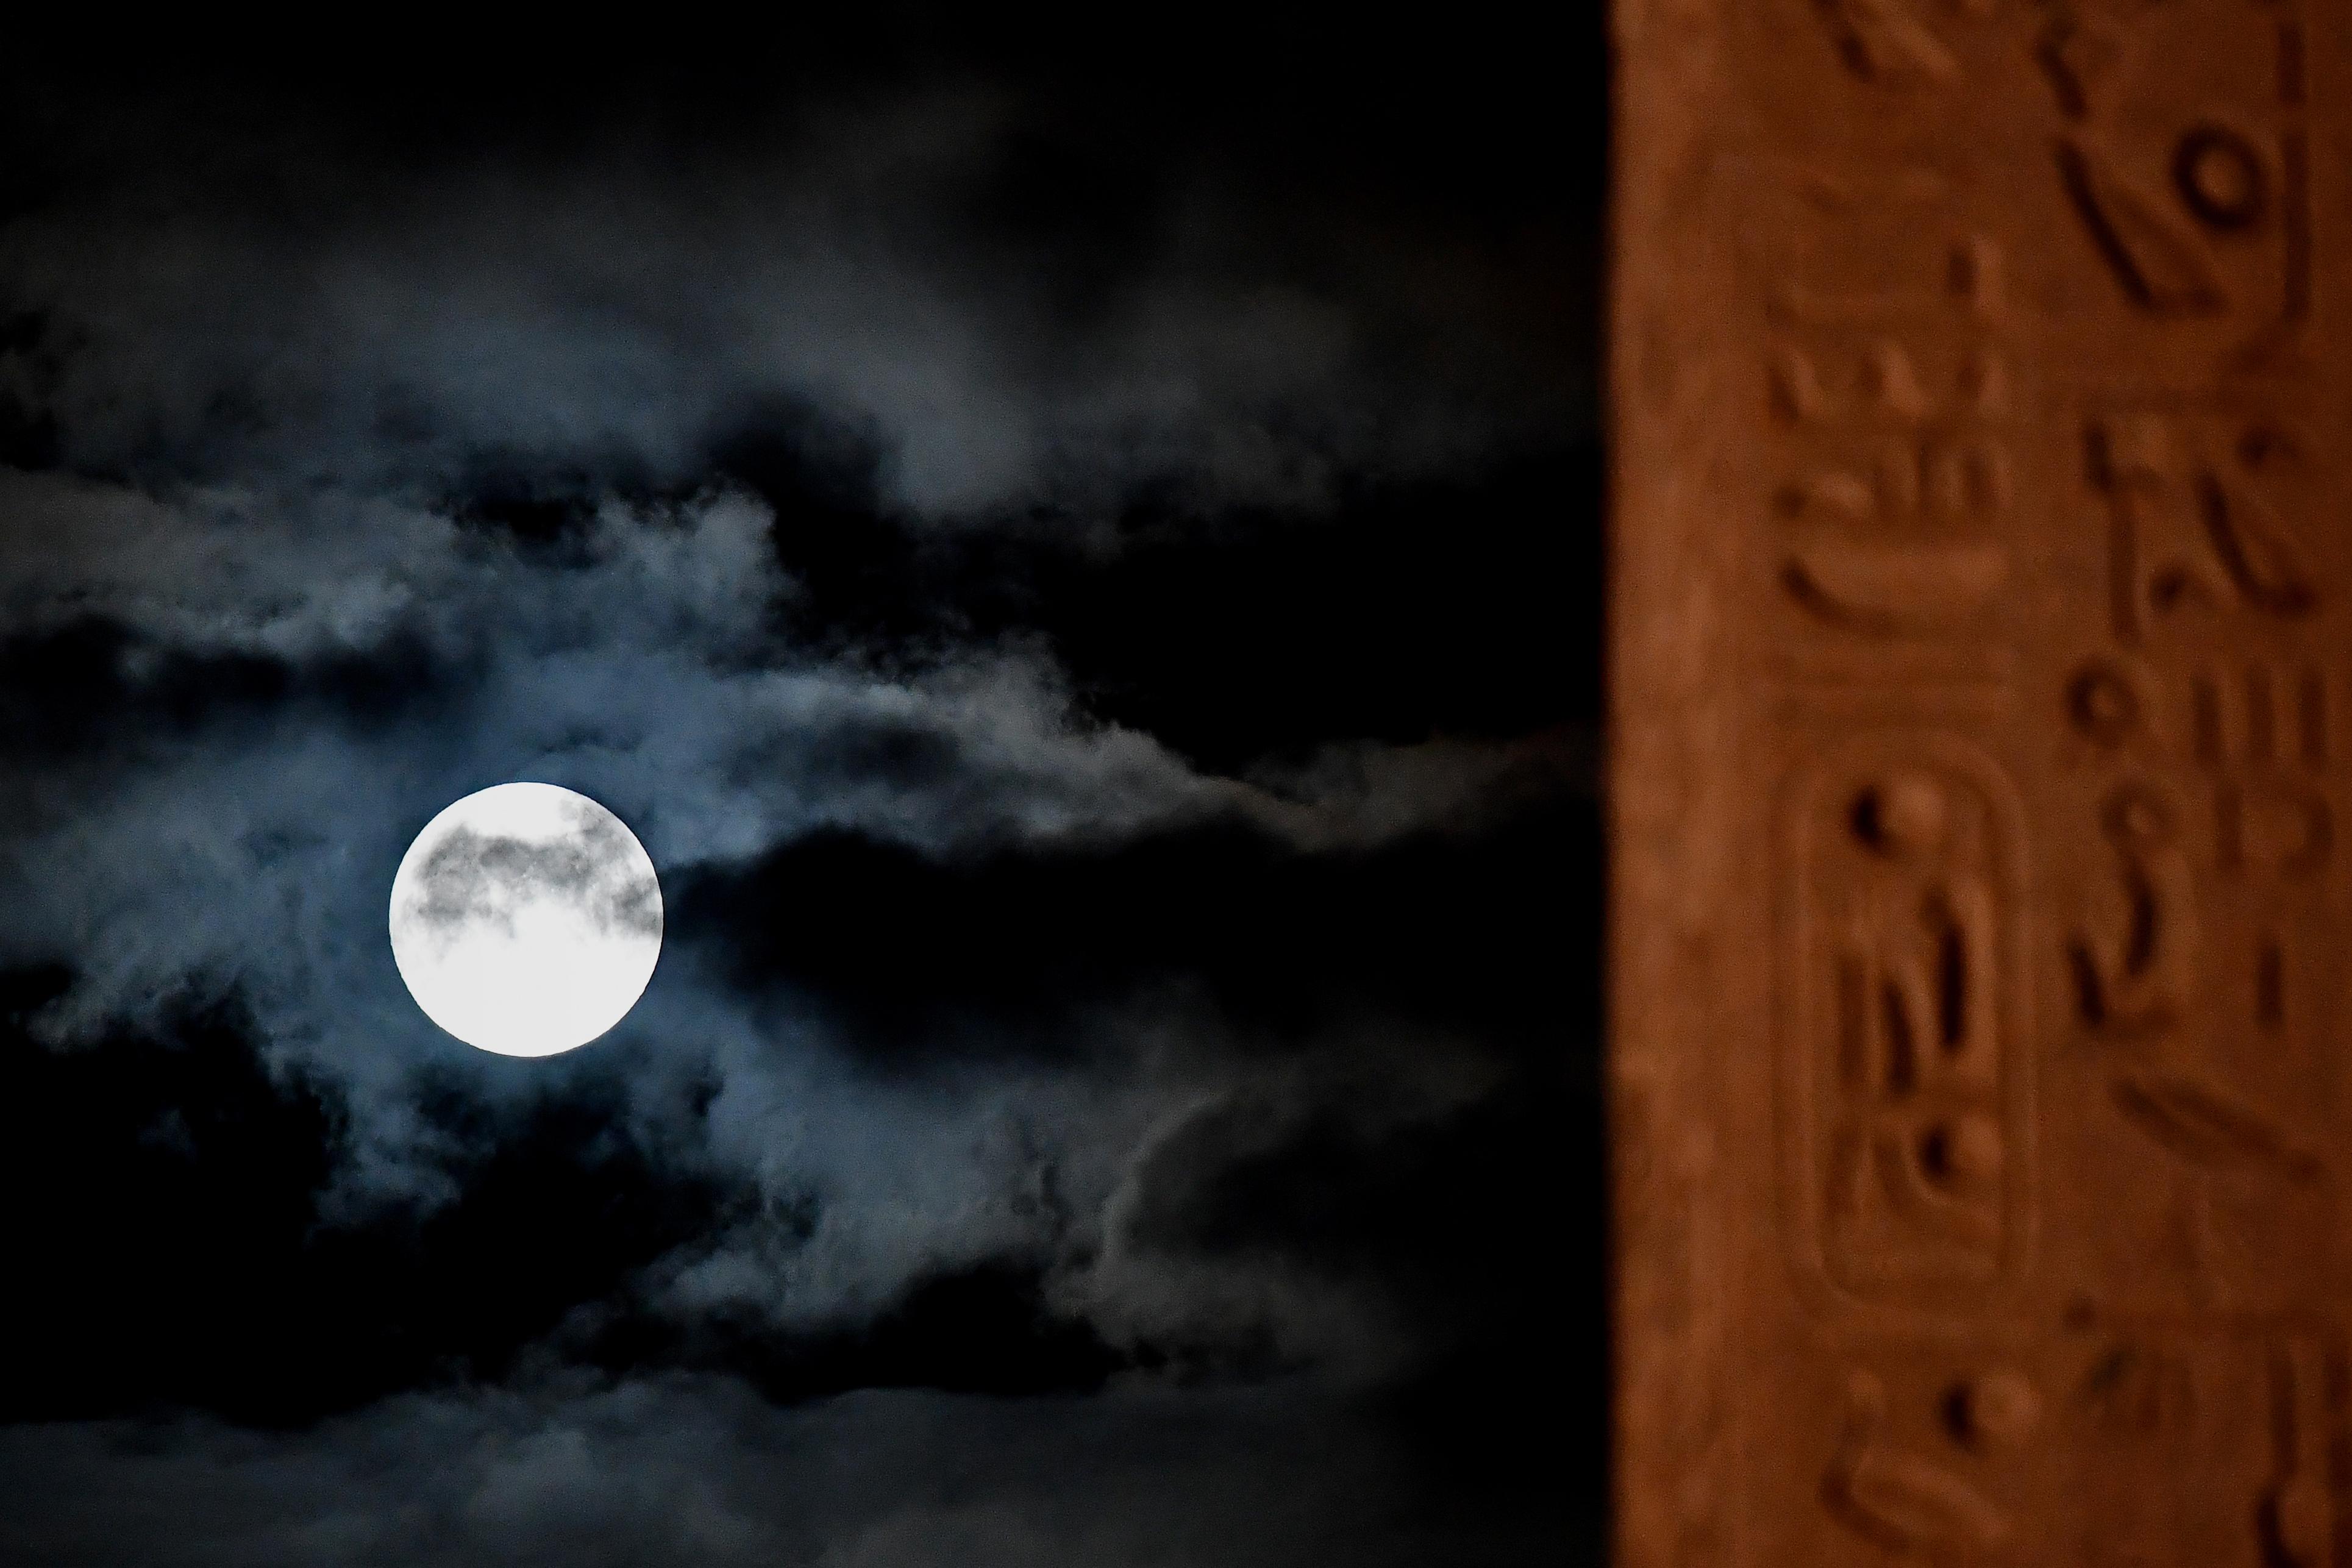 La superluna sobre Piazza del Popolo, en Roma, Italia (AFP)